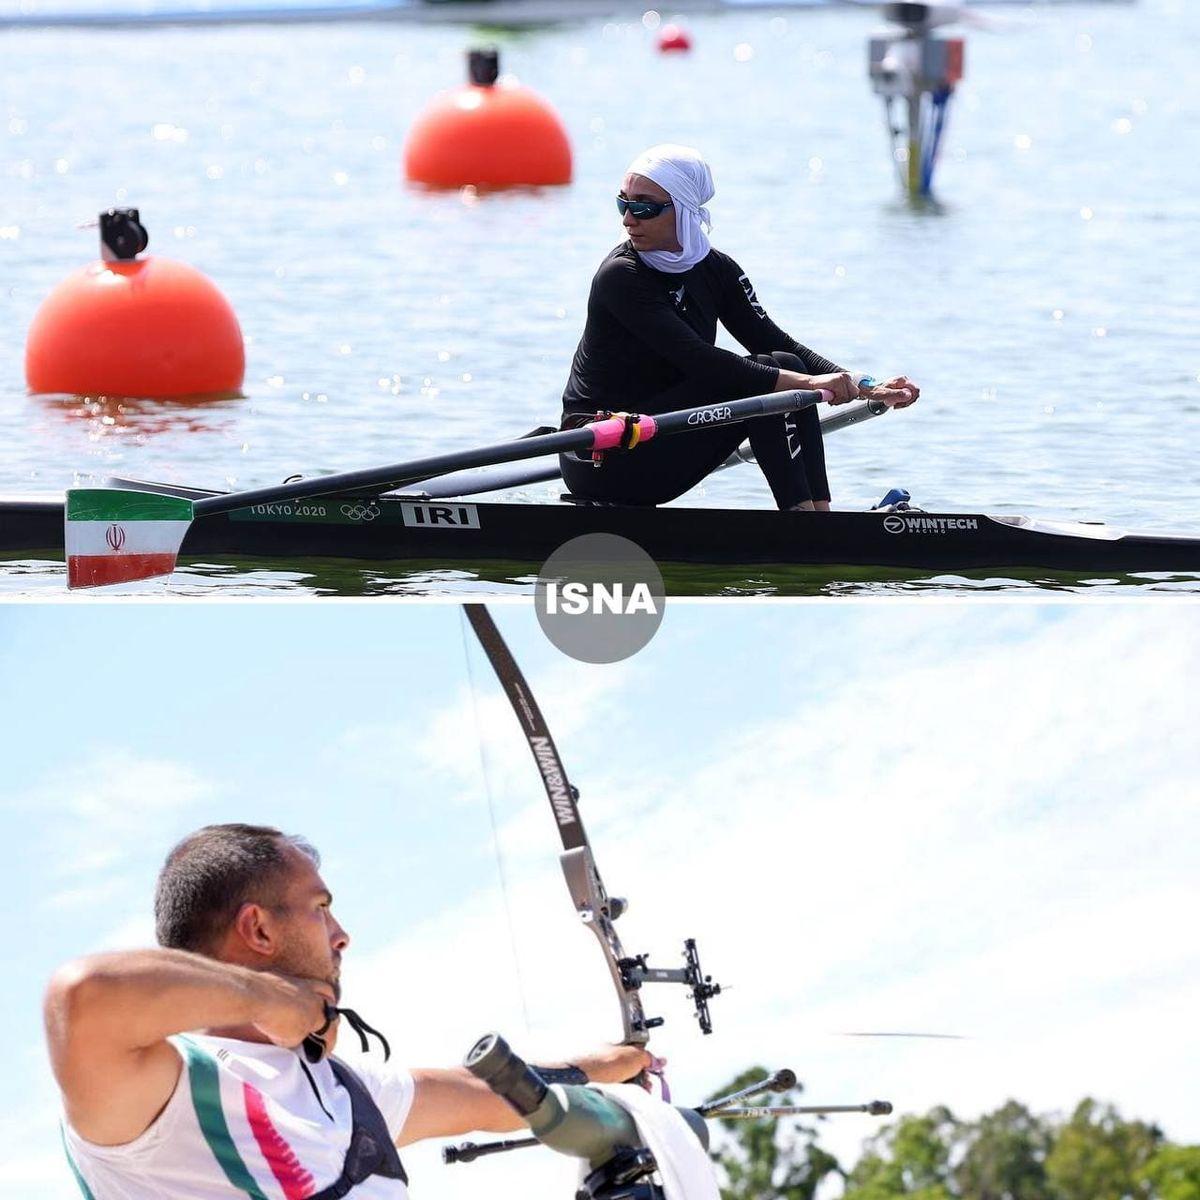 تصاویری از رقابت نازنین ملایی و میلاد وزیری در المپیک توکیو